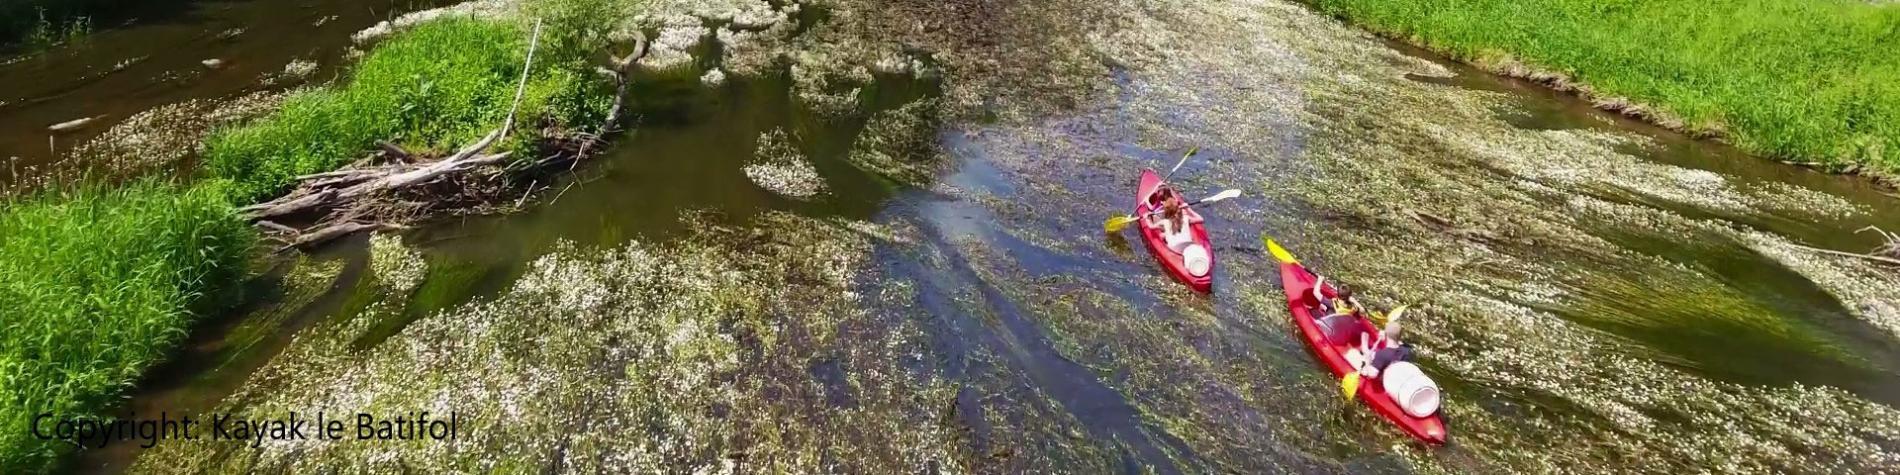 Kayaks - Canoës - Le Batifol - Chiny-sur-Semois